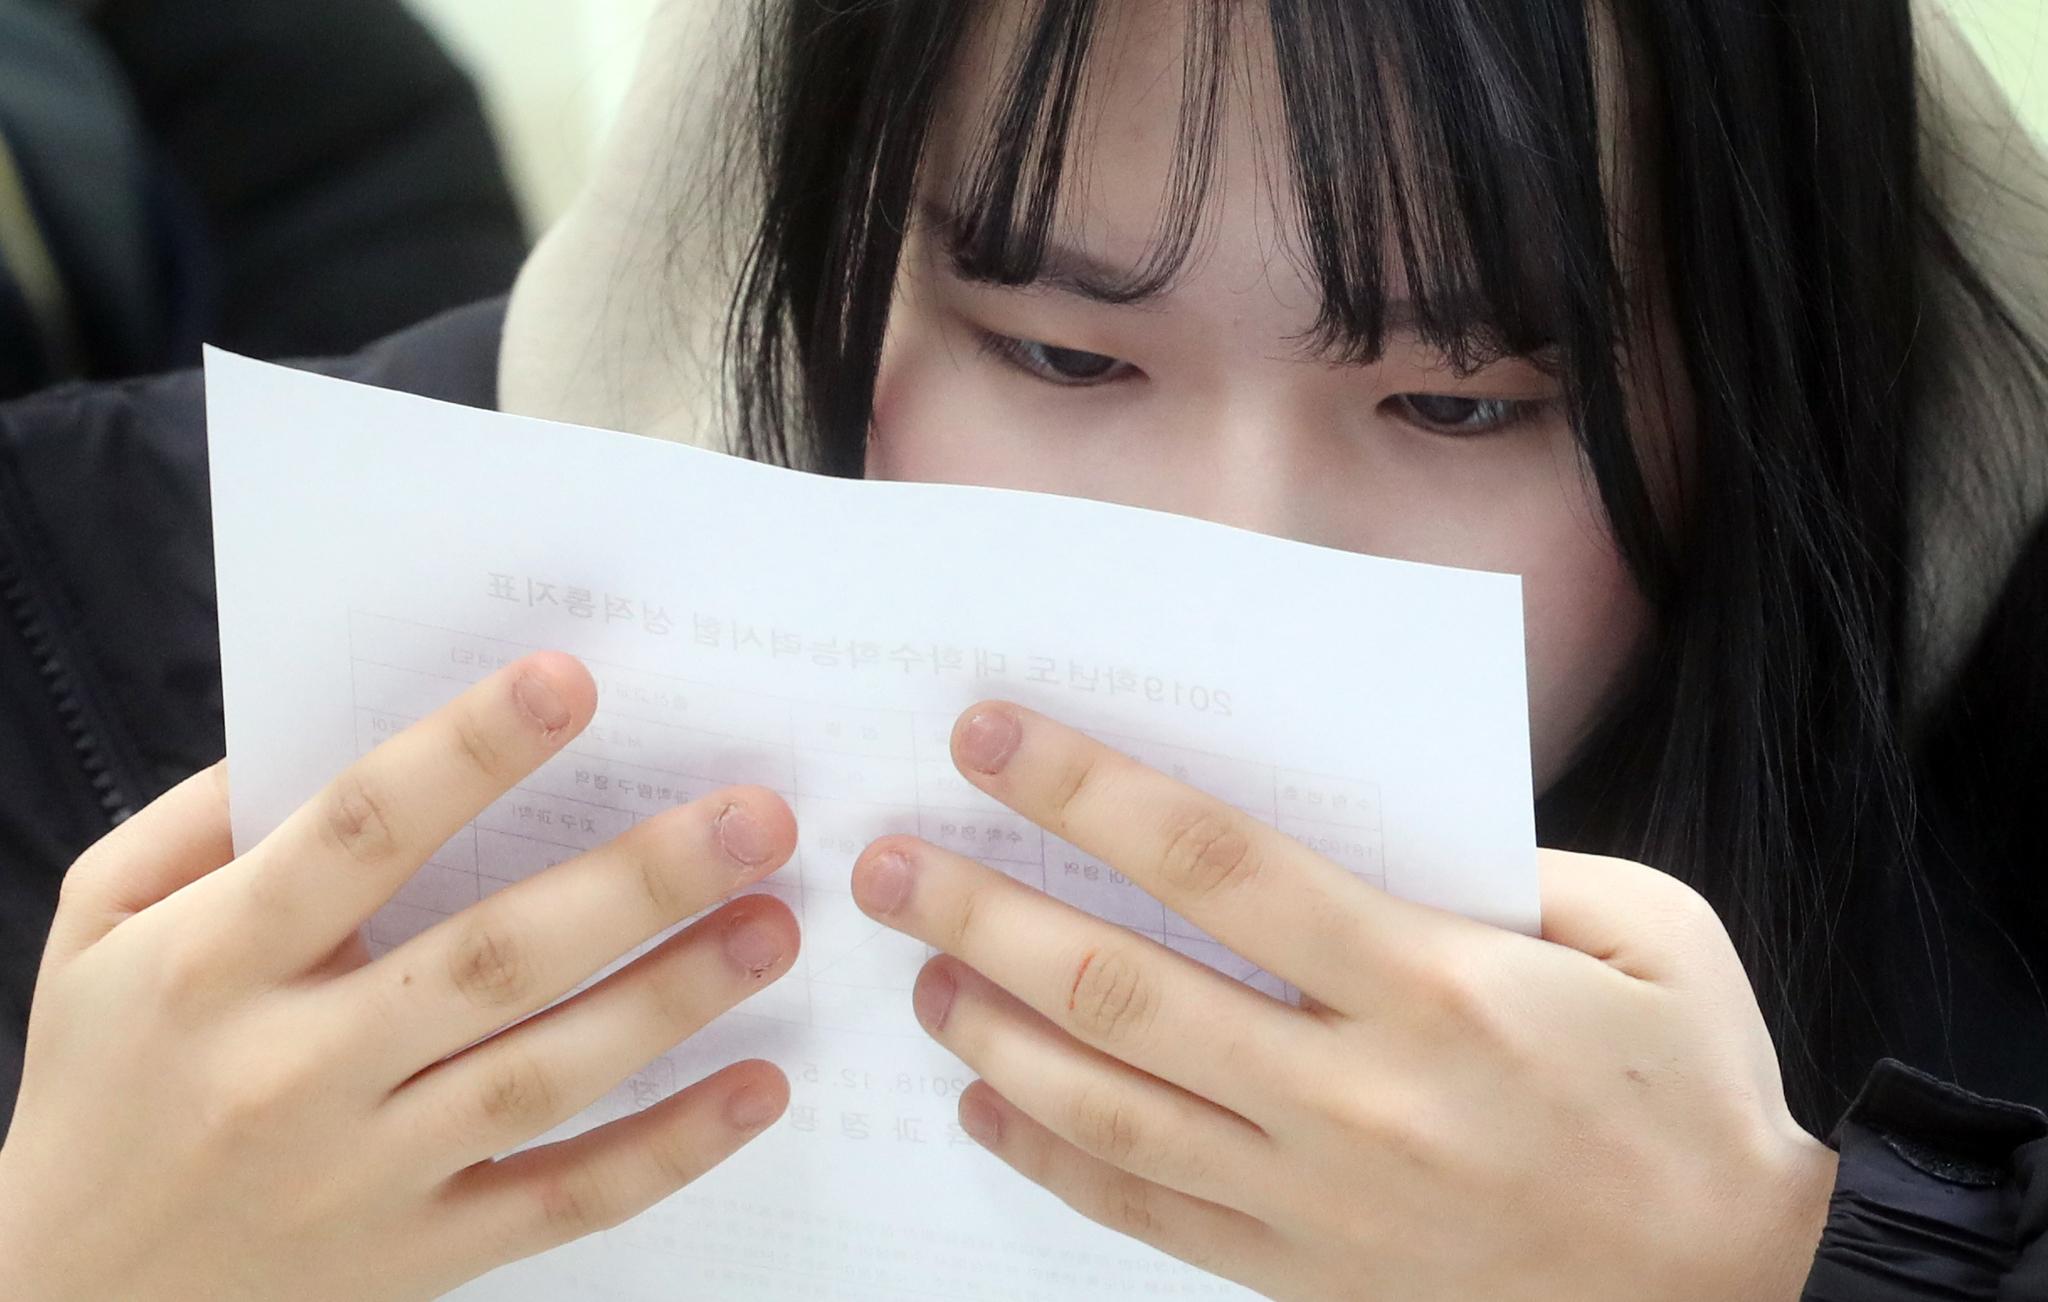 서울 서초고등학교 3학년 학생들이 5일 2019학년도 대학수학능력시험 성적표를 받고 자신의 성적을 확인하고 있다. 최정동 기자